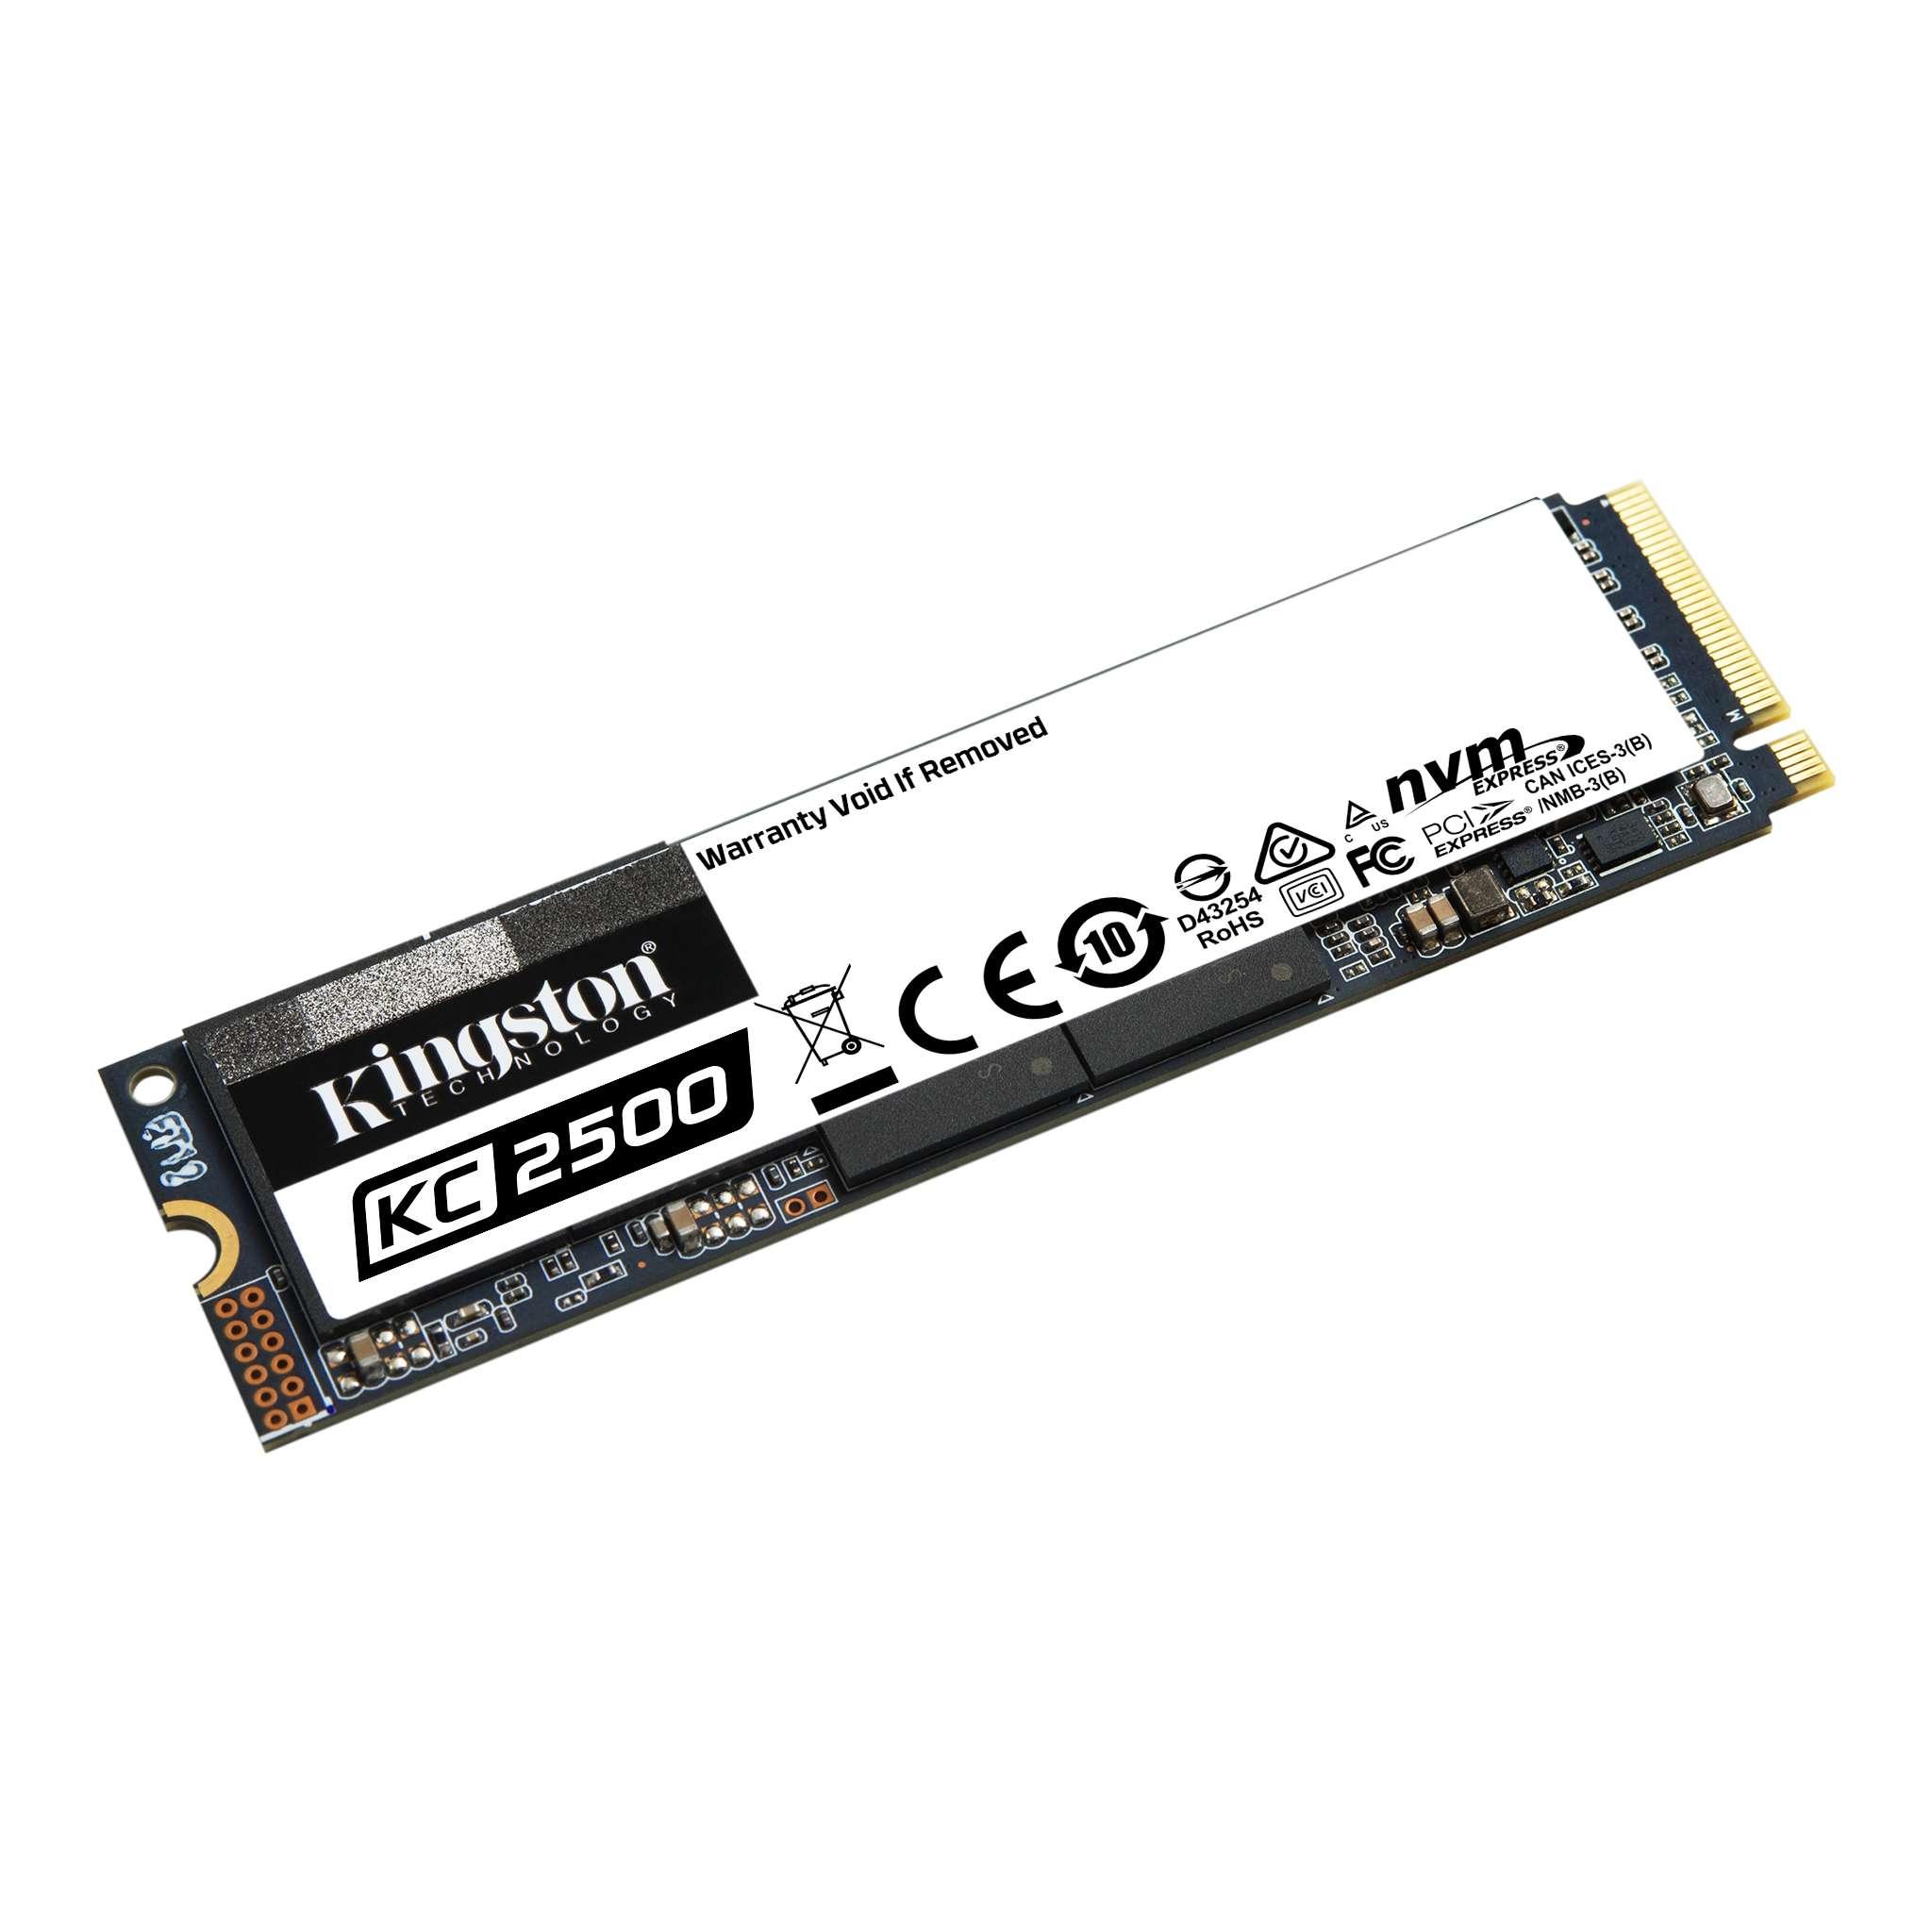 Ổ cứng SSD Kingston KC2500 M.2 PCIe Gen3 x4 NVMe 1000GB SKC2500M8/1000G - Hàng Chính Hãng